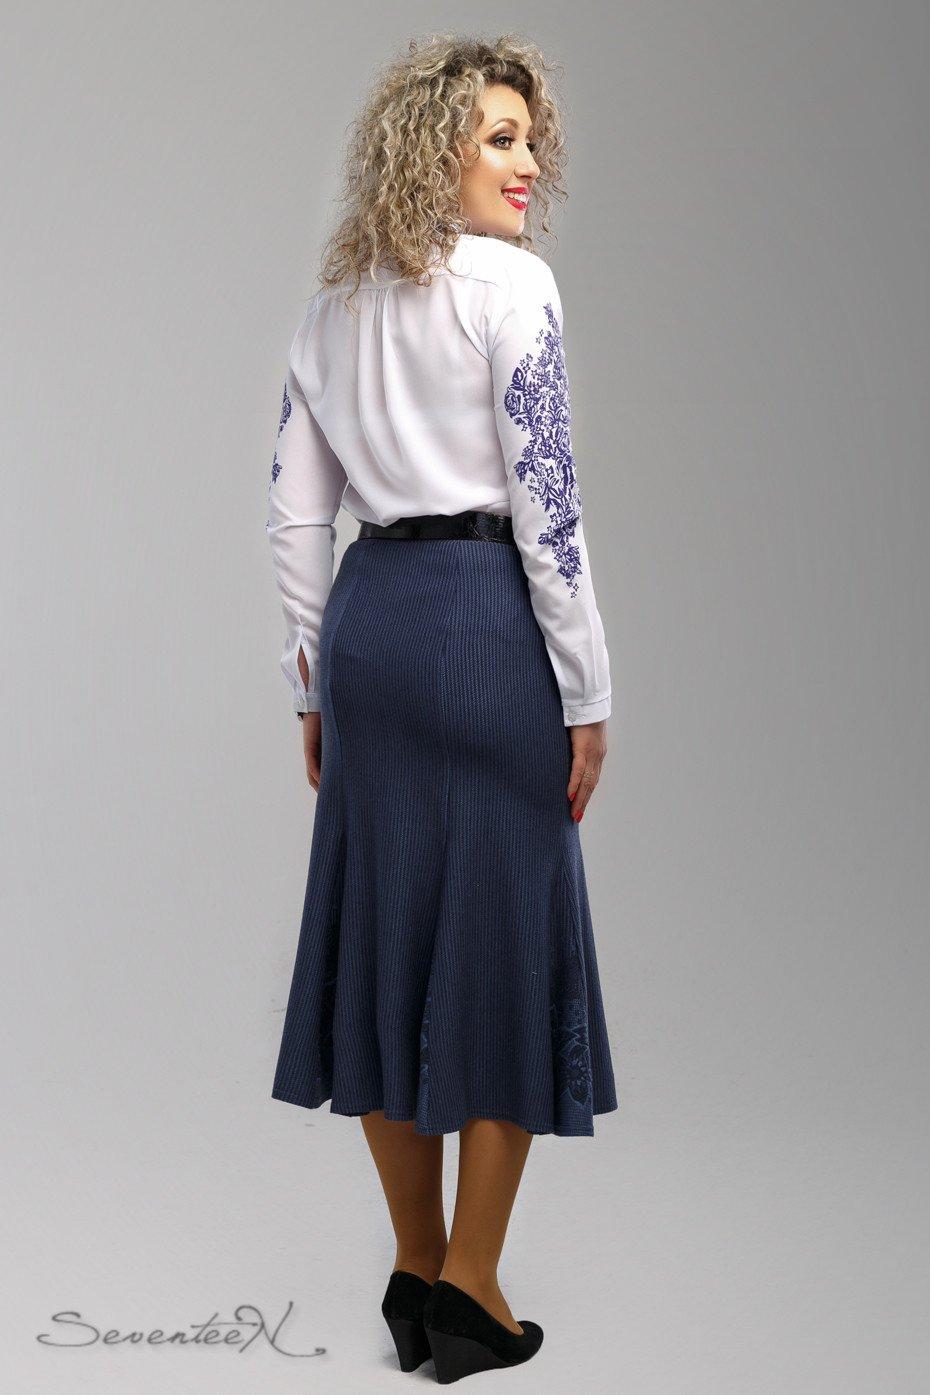 ba2aca28b14 Стильная синяя юбка 1997 - купить недорого — Donna Bella - 1997-52